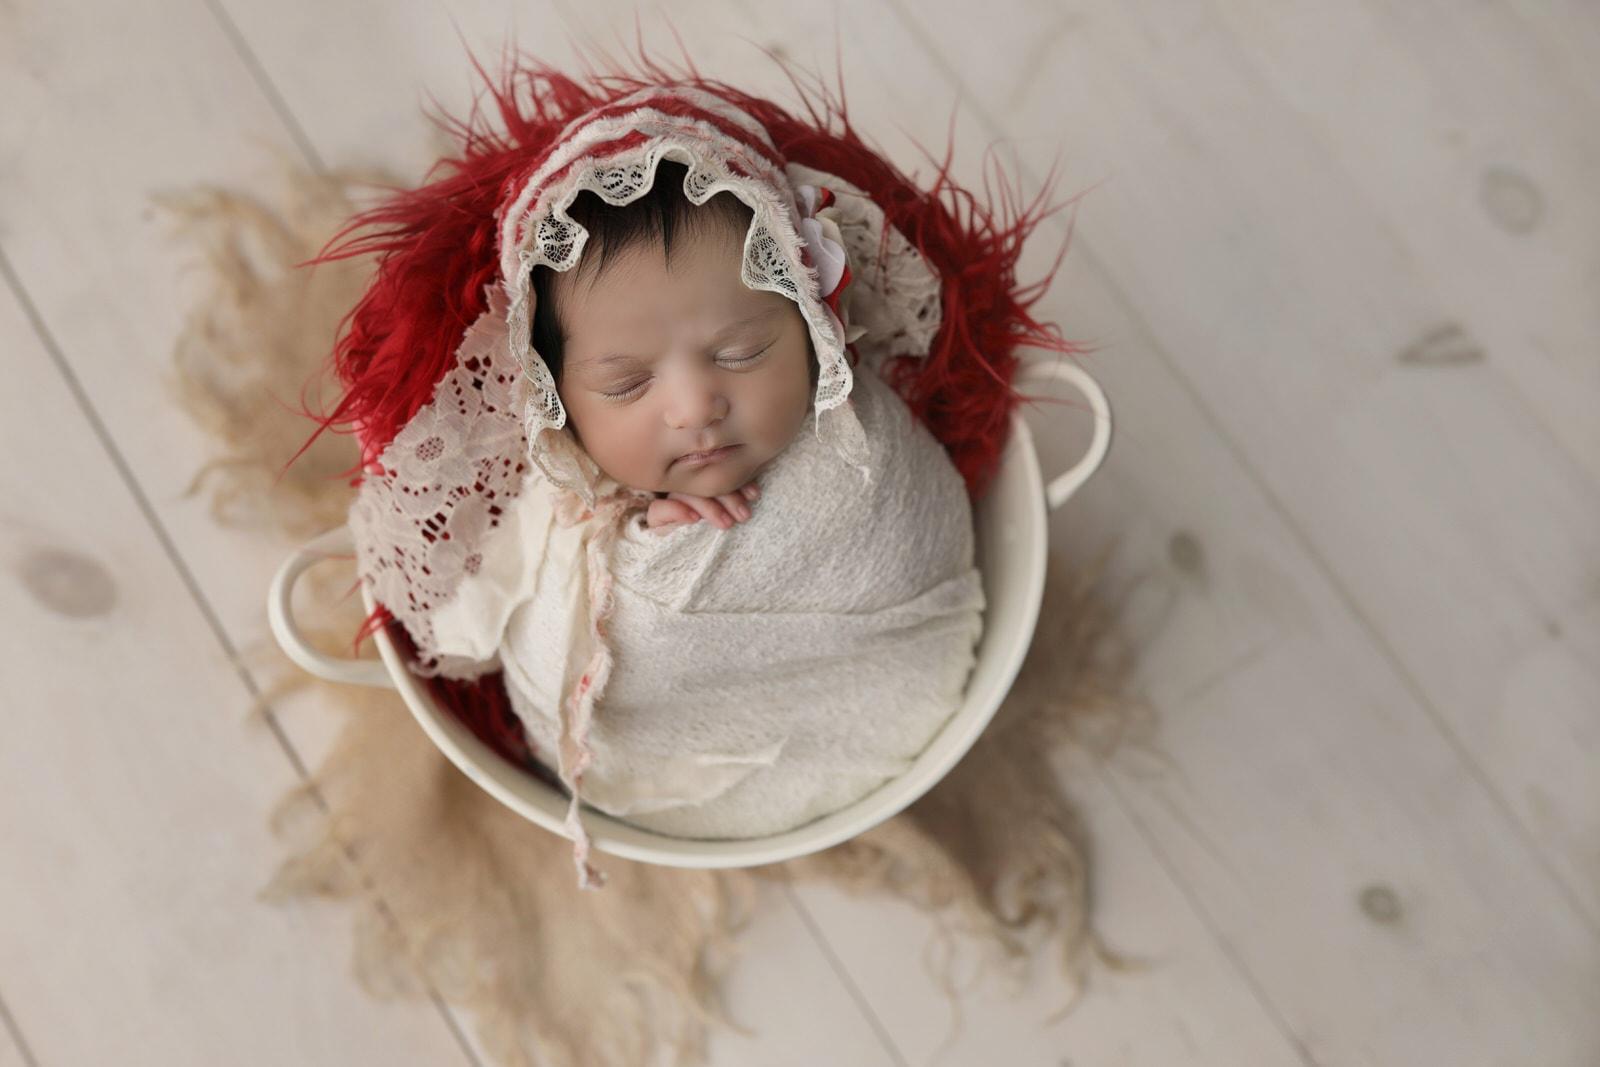 newborn baby pictured in white bucket